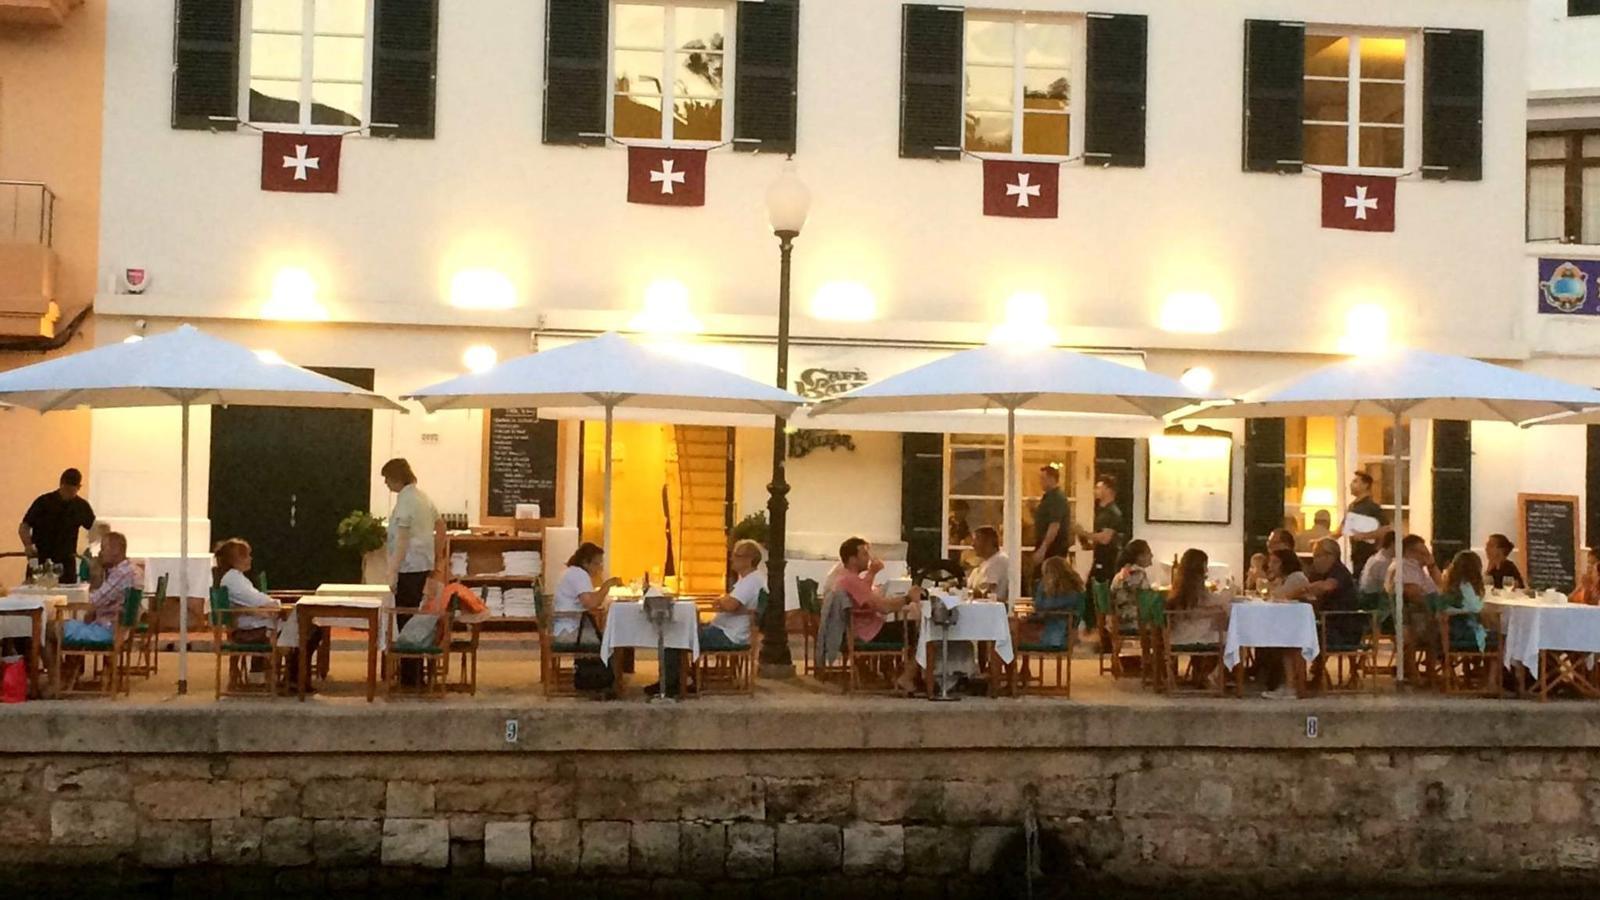 Els milers de santjoaners que arriben a Ciutadella podran degustar la gastronomia local en els diferents restaurants.